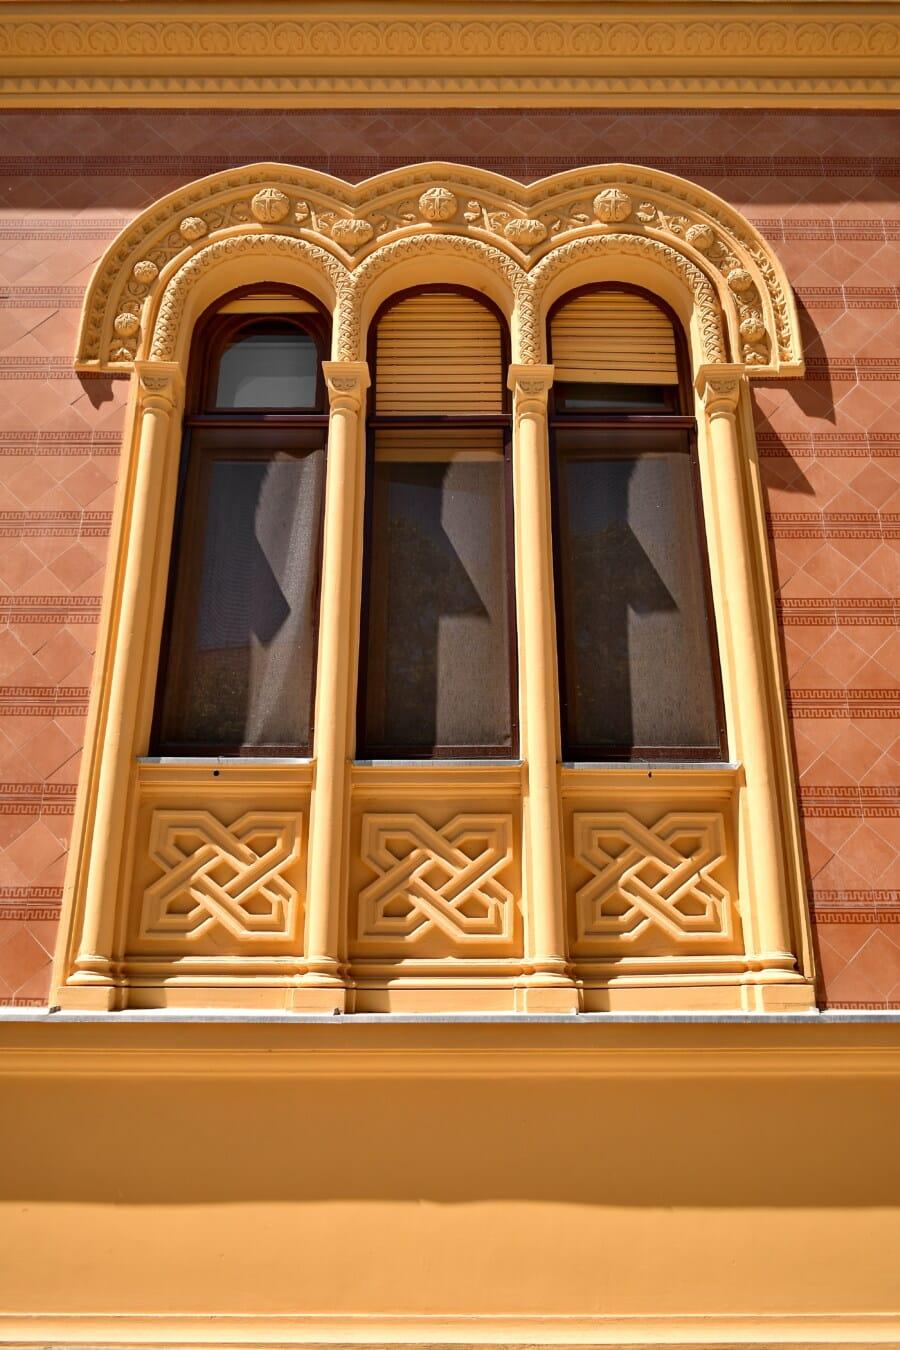 Design, Arabeske, fenster, drei, Fenster, Fassade, Architektur, Gebäude, Haus, Klassiker